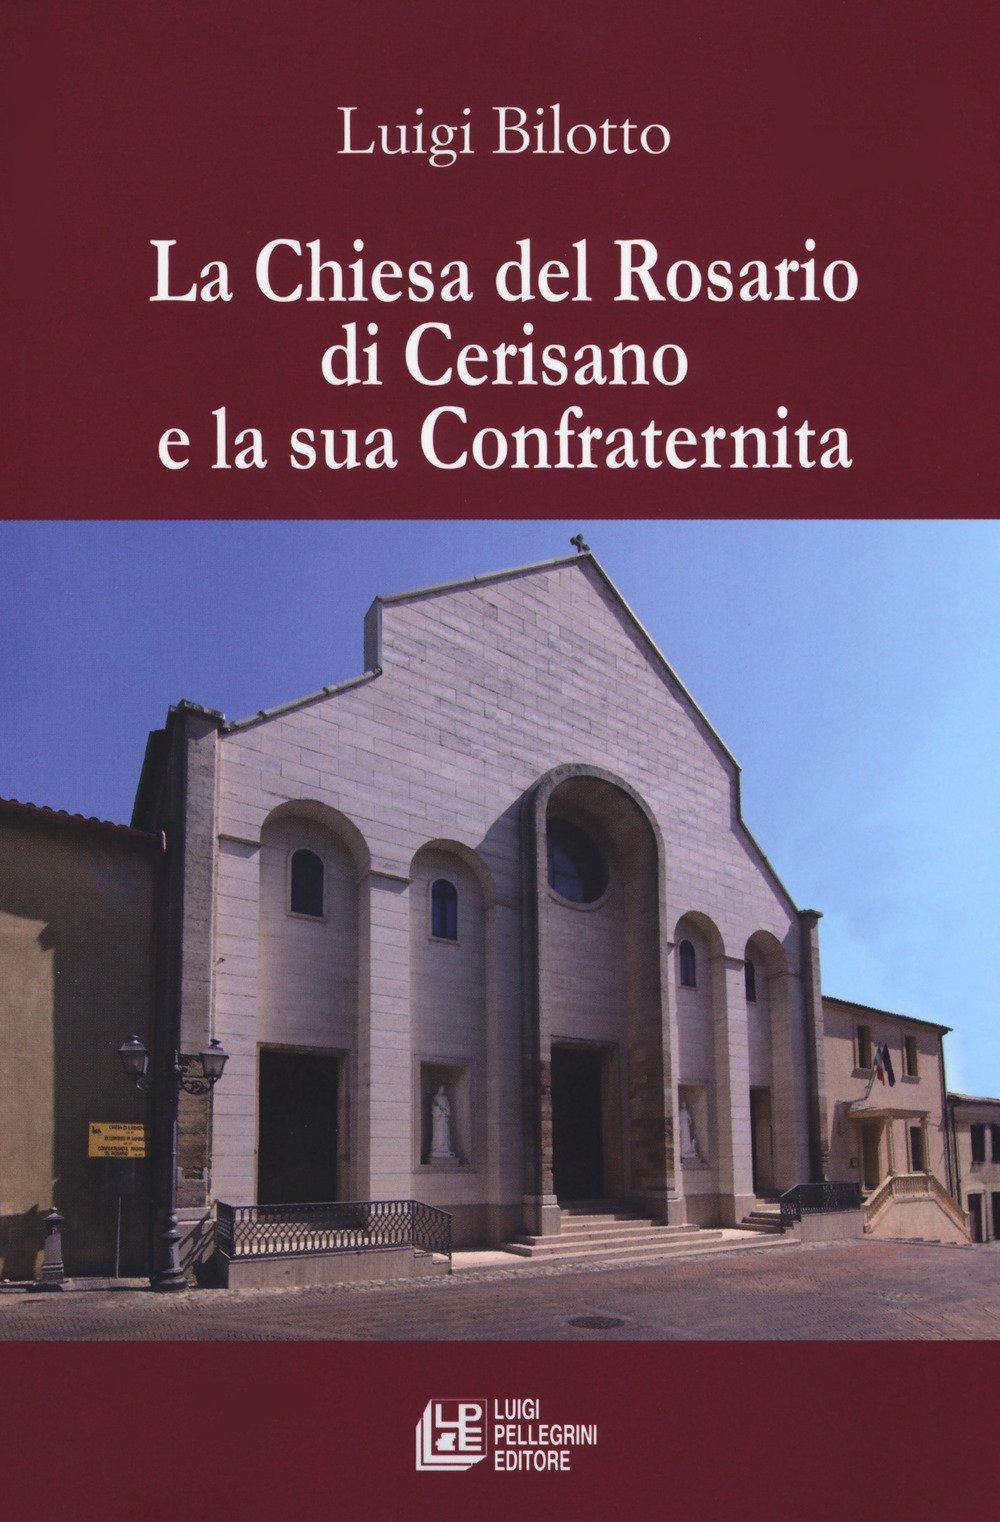 La Chiesa del Rosario di Cerisano la sua confraternita